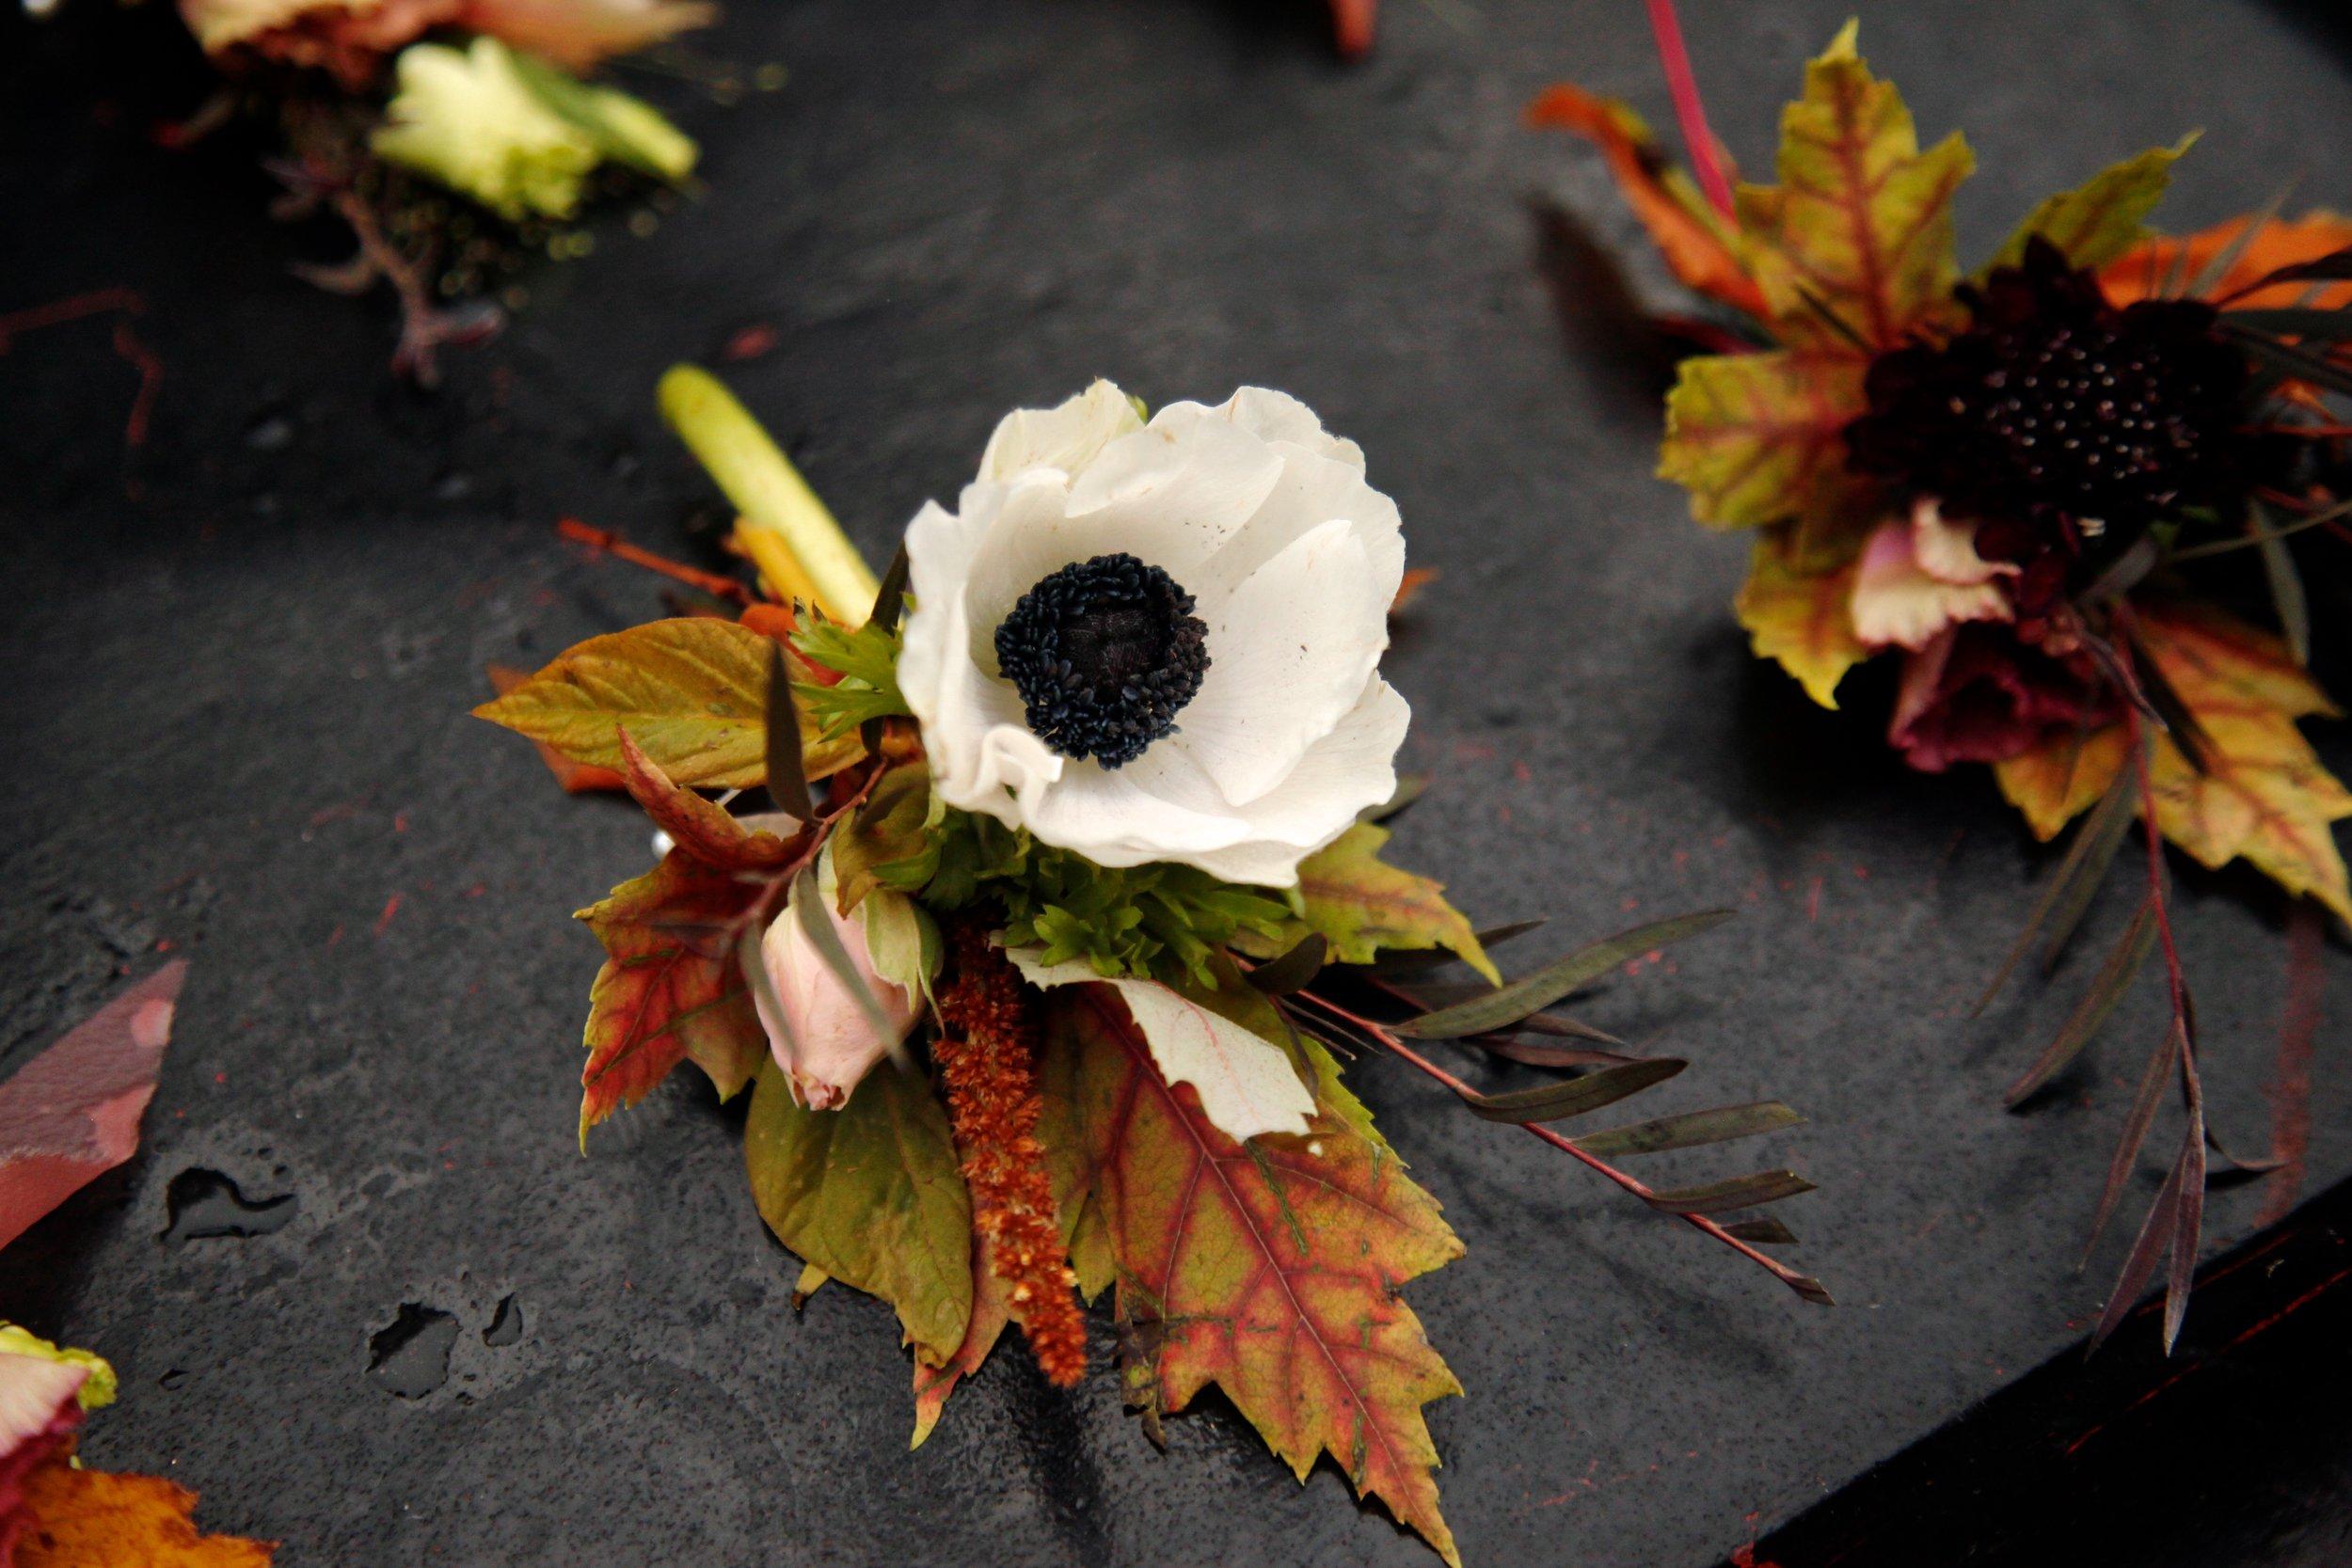 jacksonvilleweddingflowers.jpg